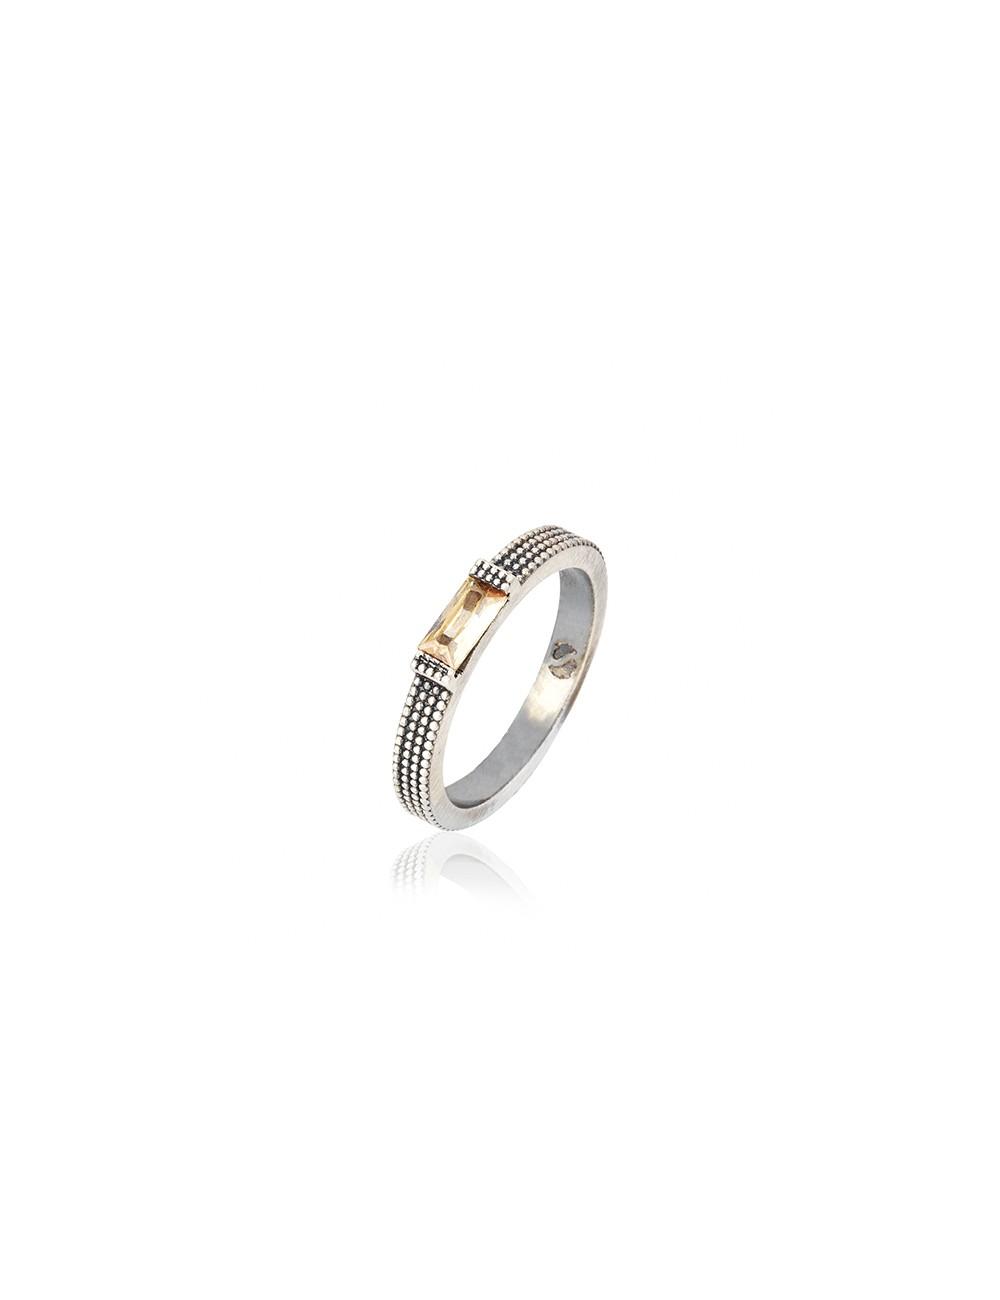 Sunfield -Anillo Sunfield plata y circonita -AN062435/23